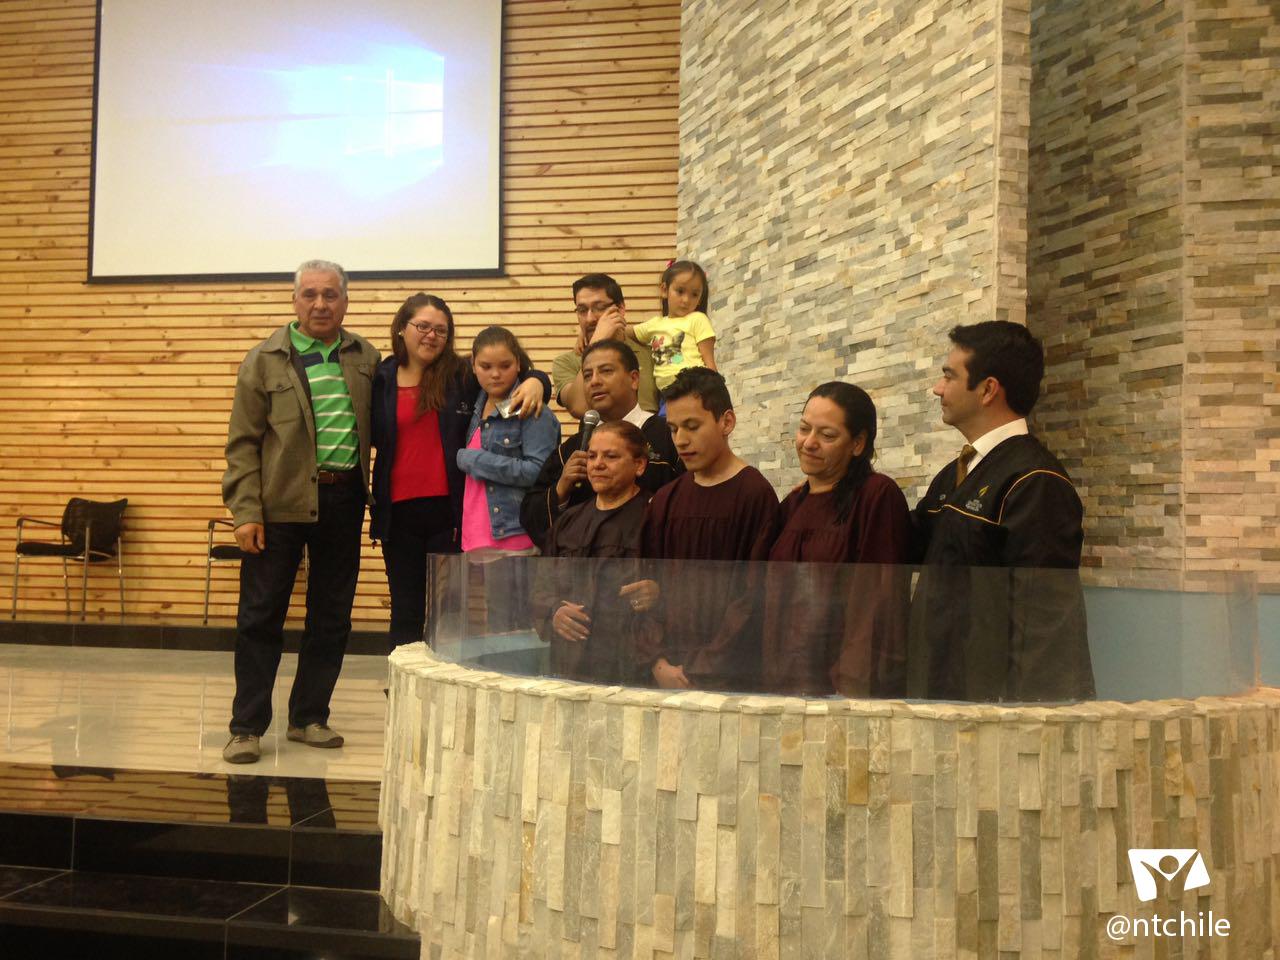 bautismo-matias-y-karina-5